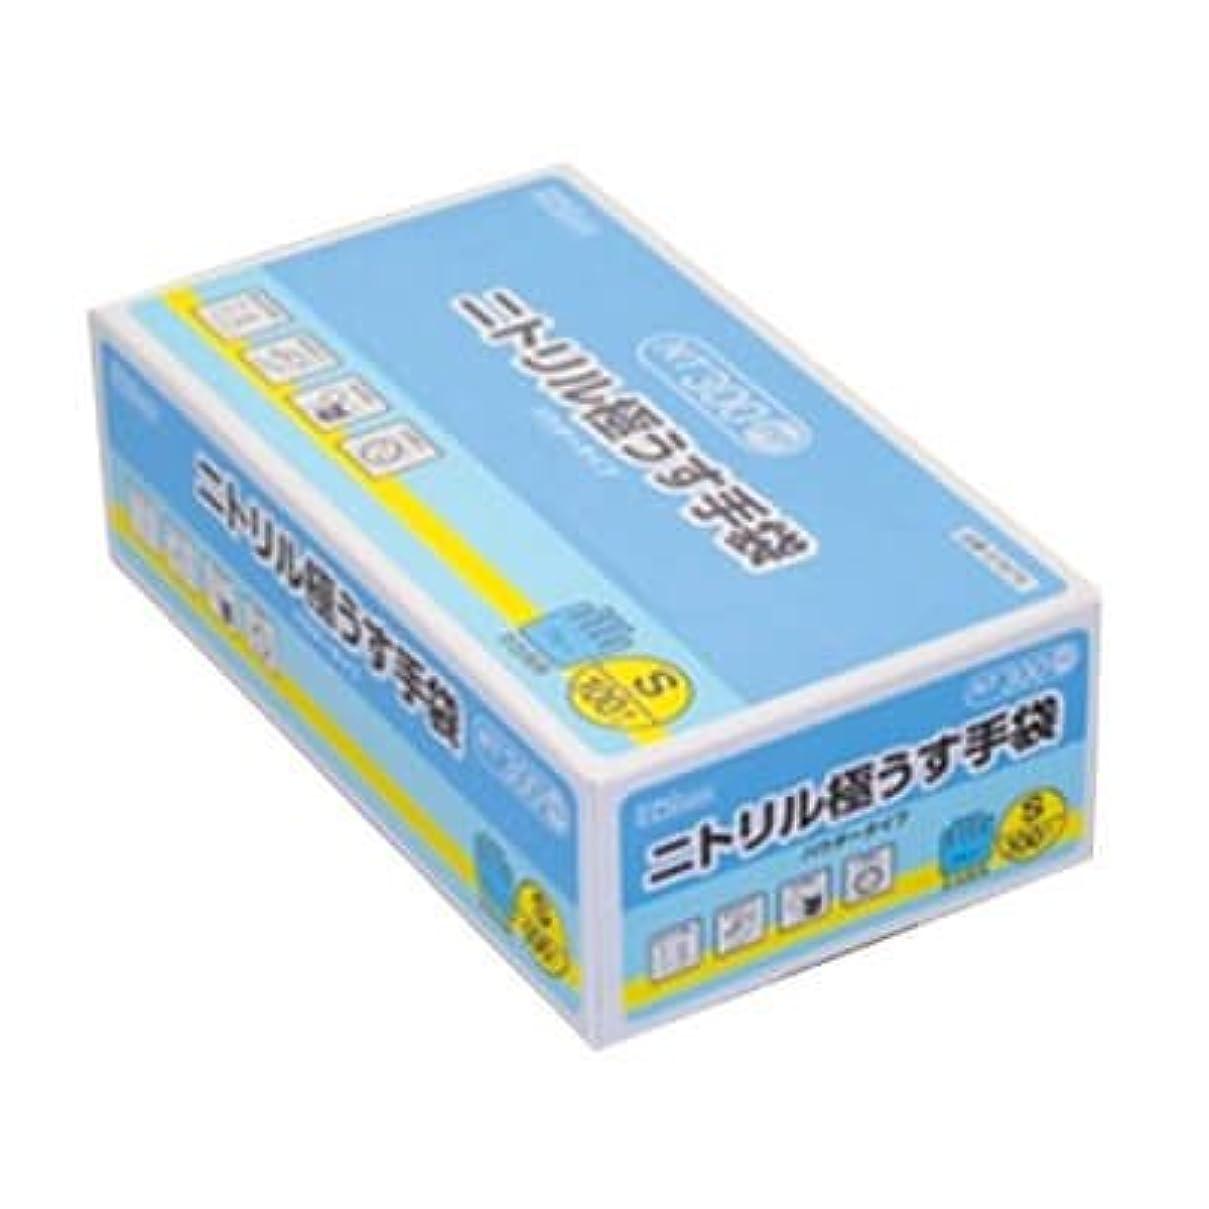 時制真向こうモンゴメリー【ケース販売】 ダンロップ ニトリル極うす手袋 粉付 S ブルー NT-300 (100枚入×20箱)